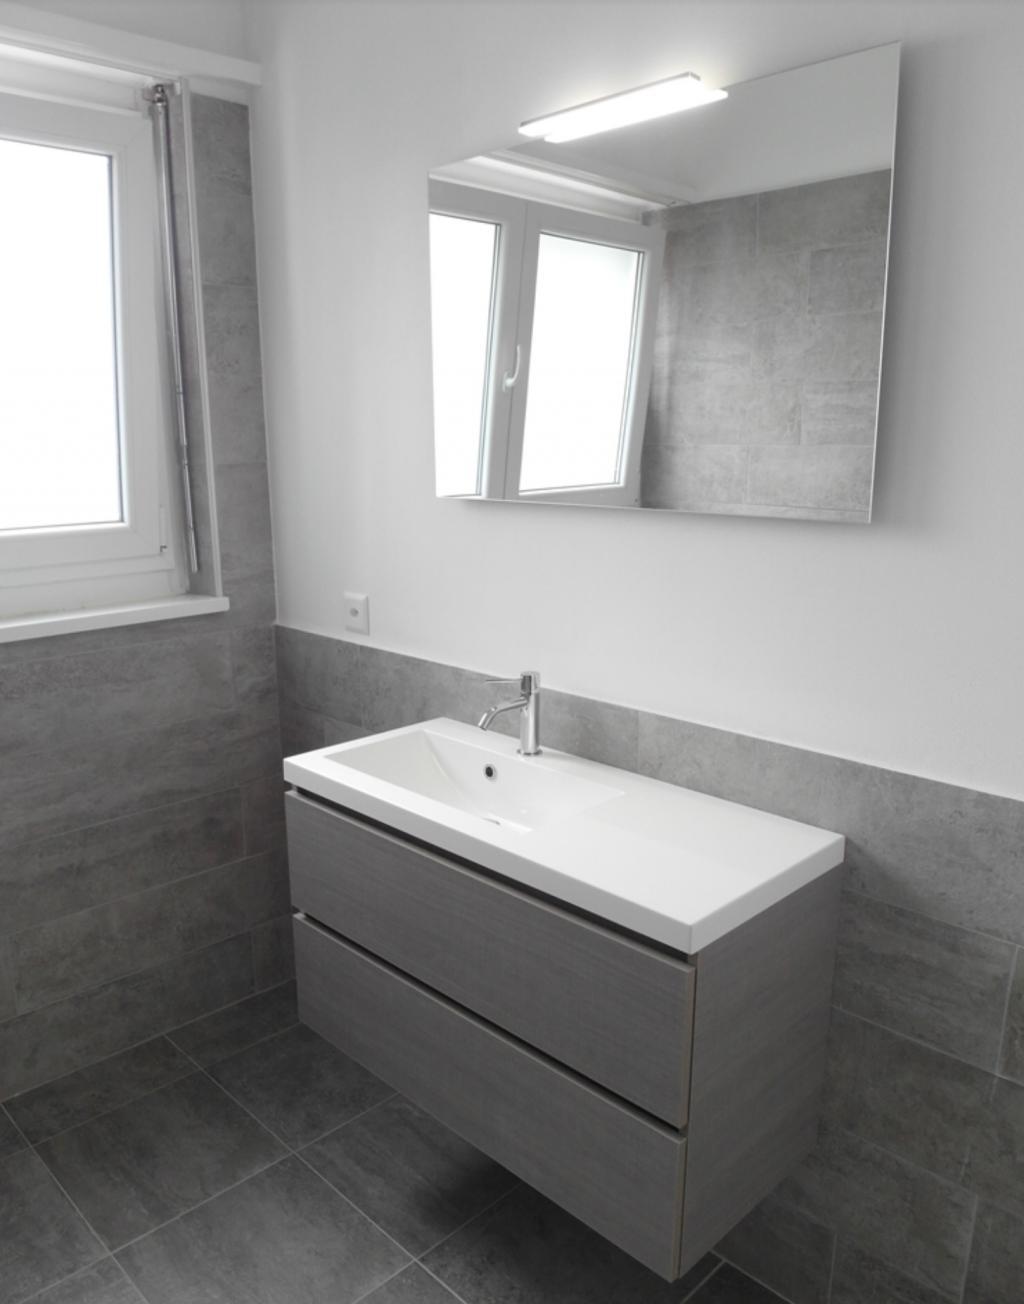 Appartamento 3 locali in Vendita a Lugano - Foto 8